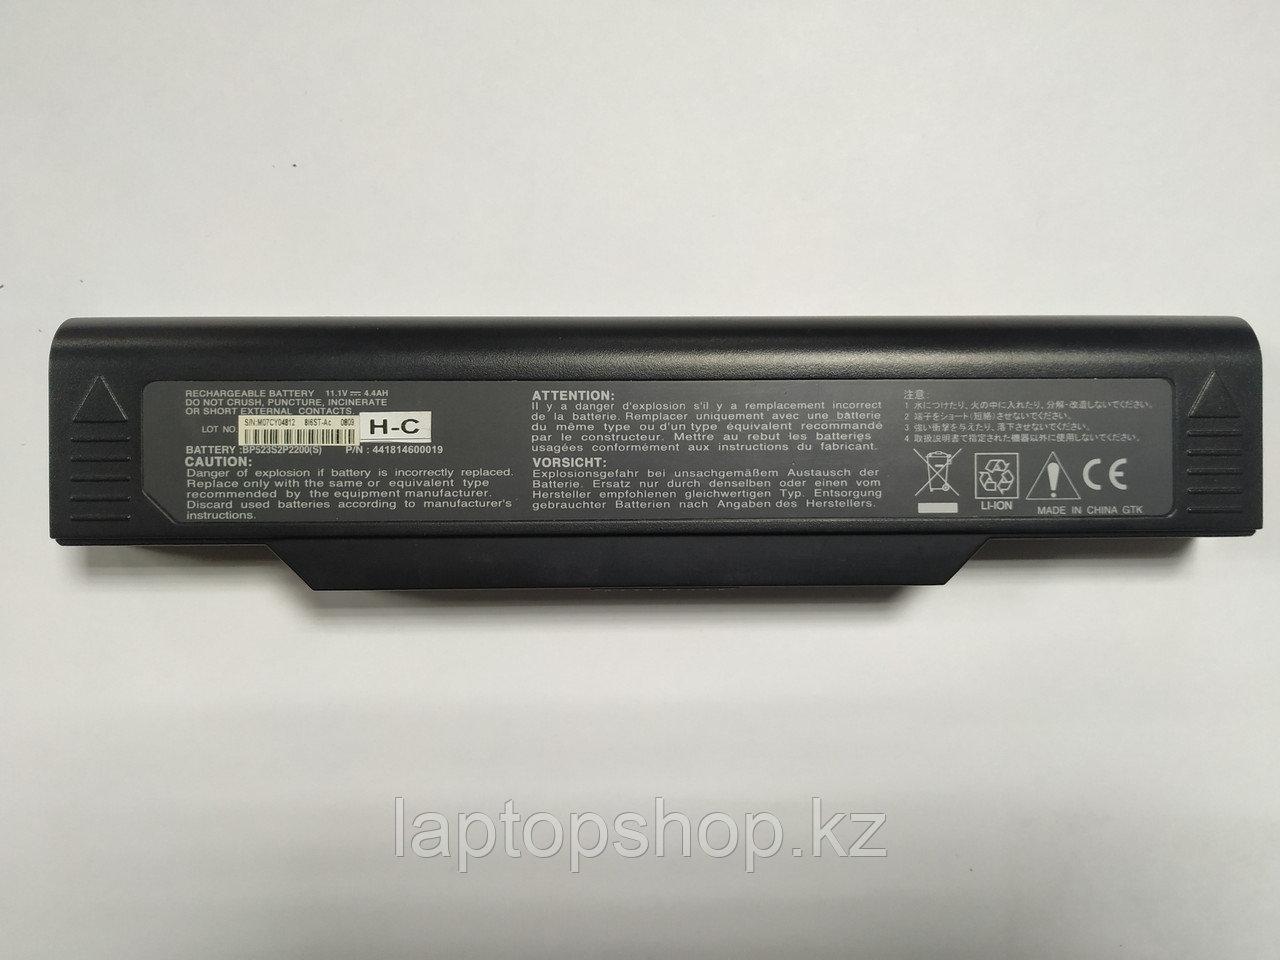 Батарея для ноутбука Model: BP523S2P2200  -  RoverBook V553